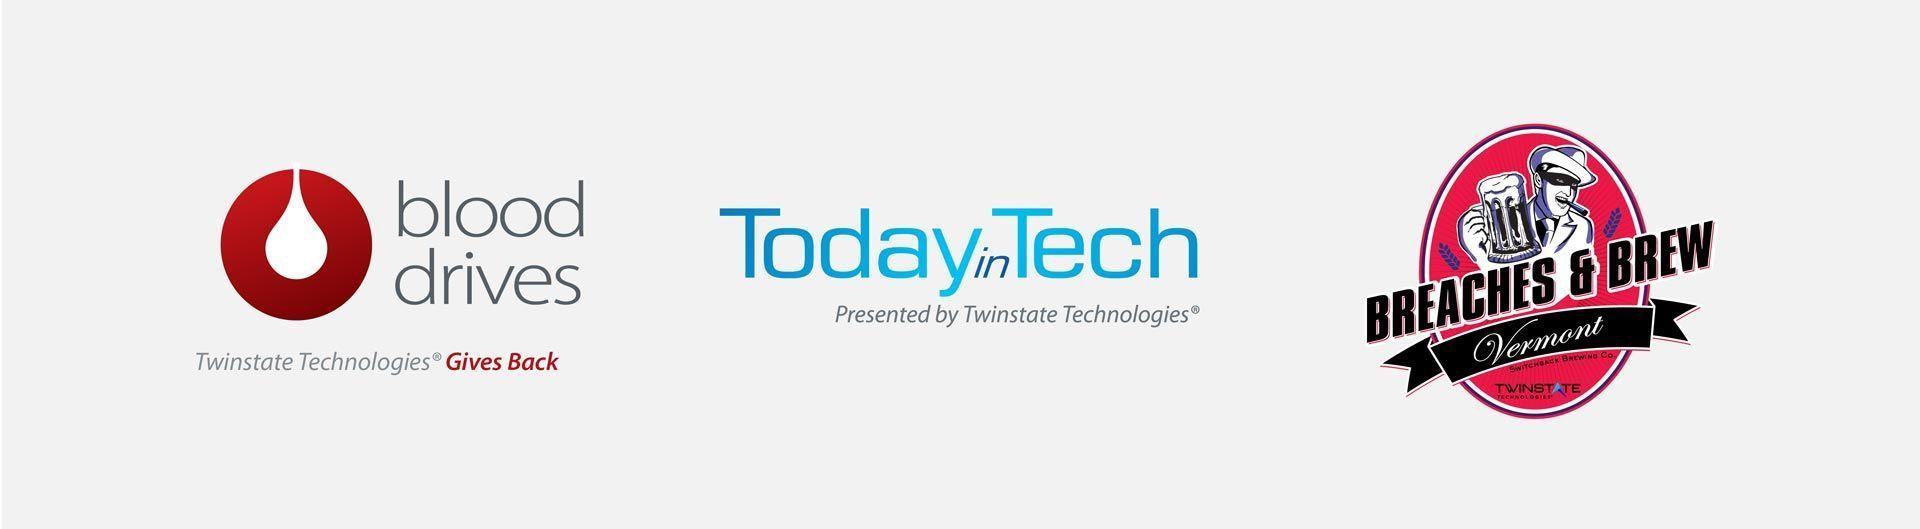 Twinstate Technologies Branding Logos de Eventos